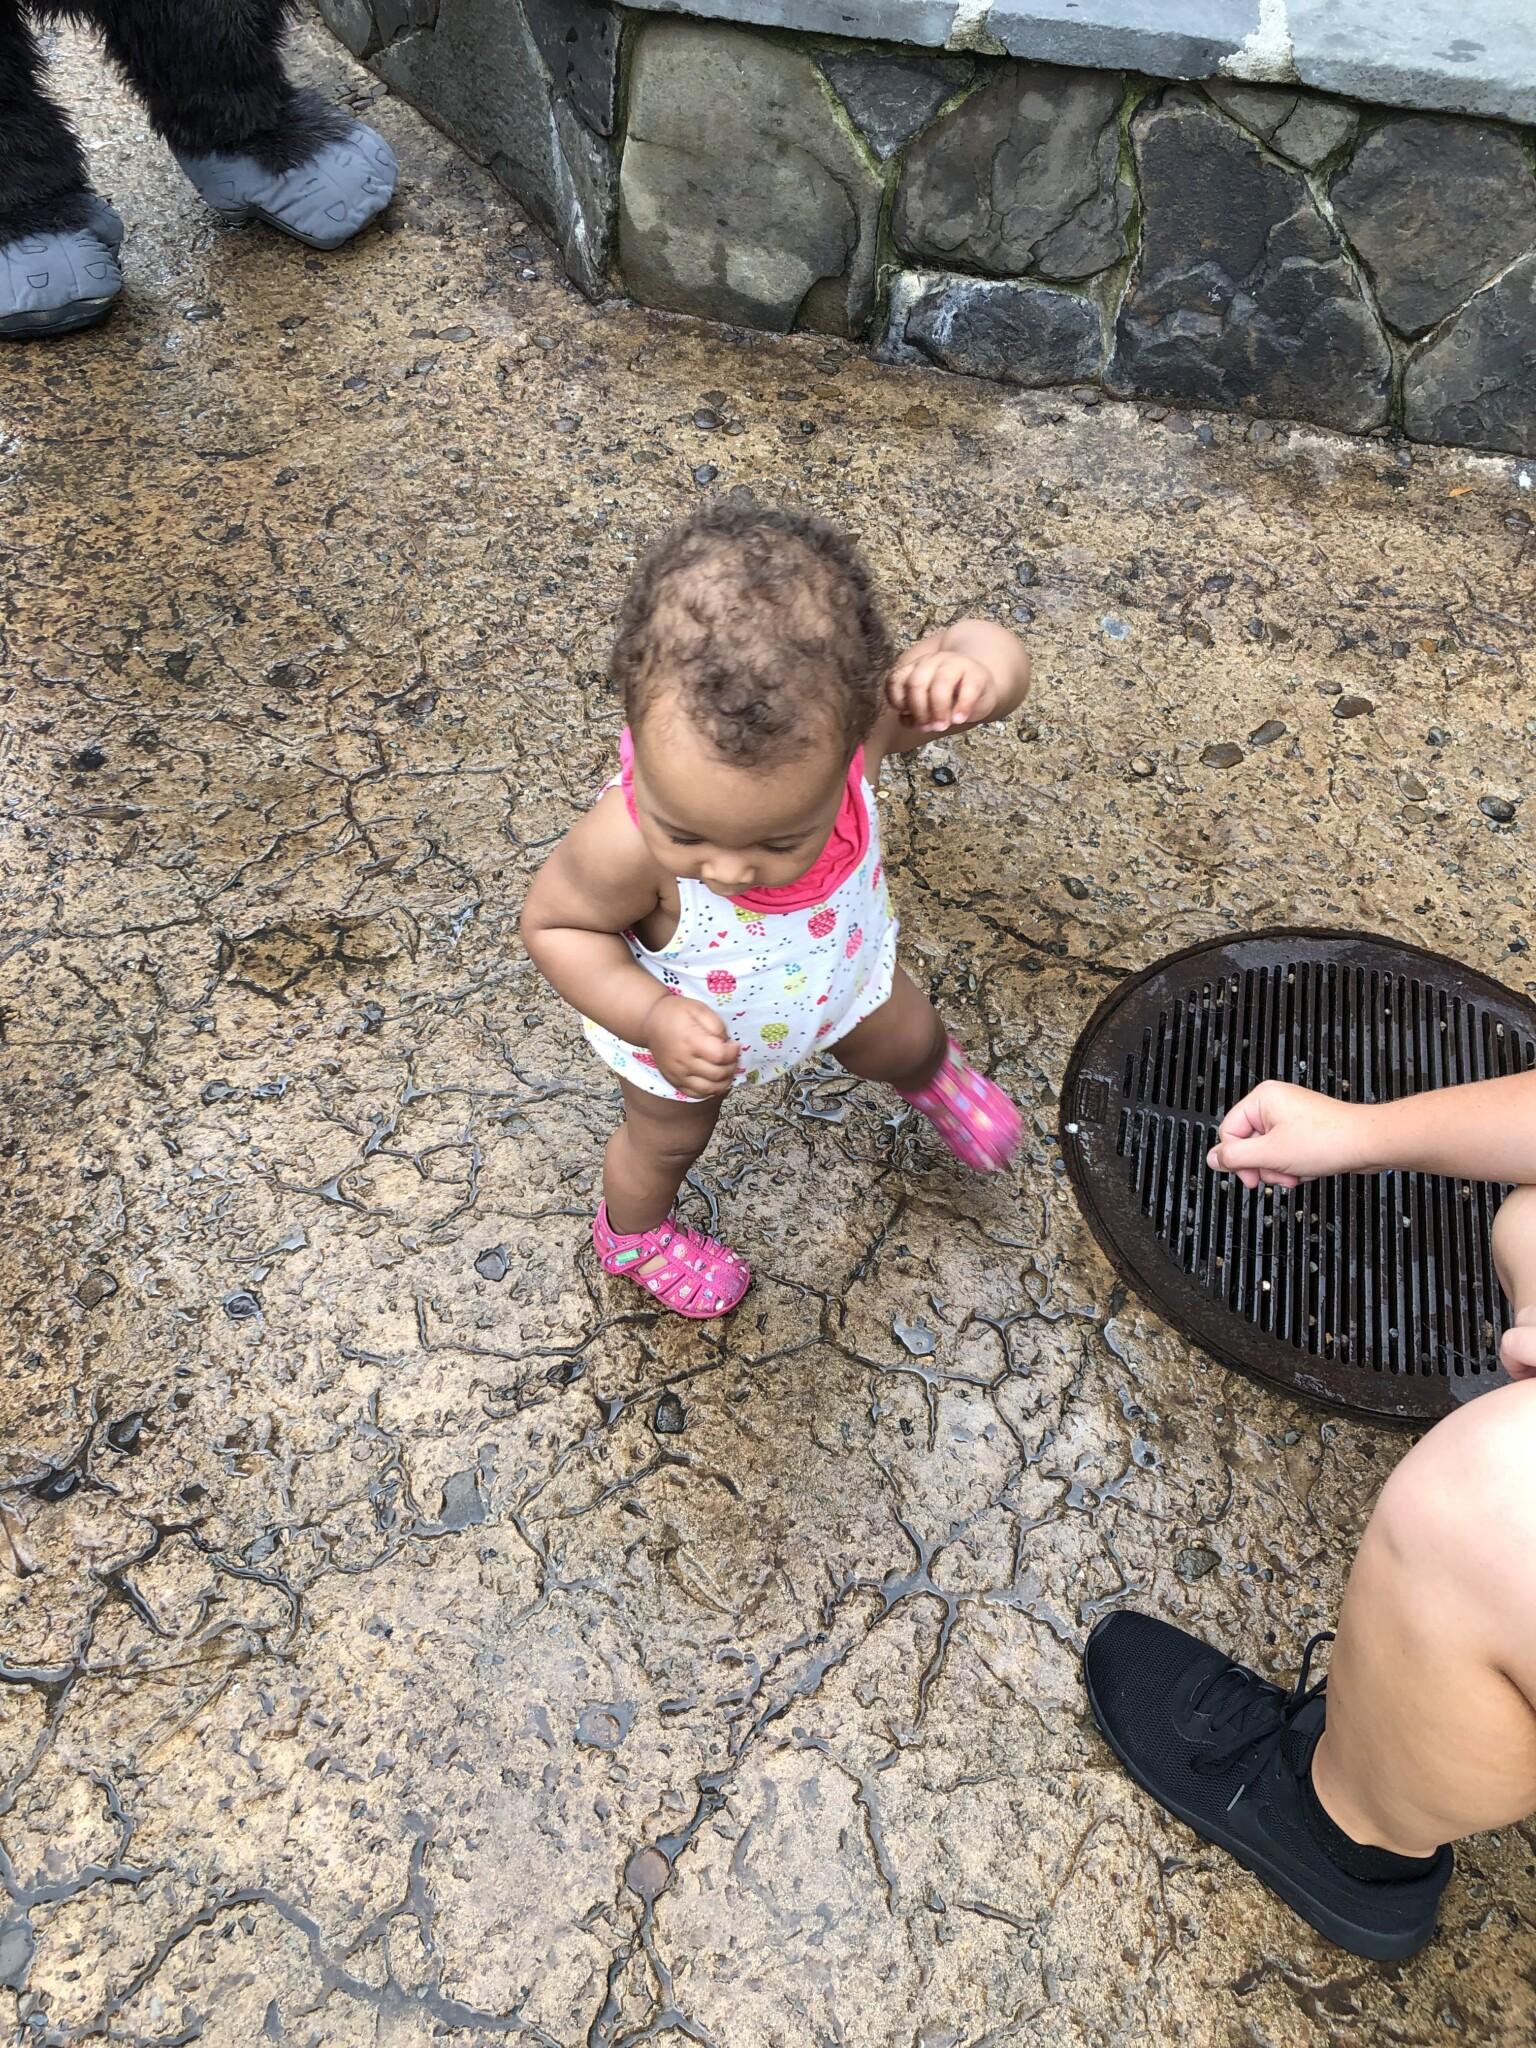 2 semaines en Floride avec un bébé de 1 an - Séjour du 2 au 16 mai 2019 DCL + WDW - Page 17 IMG_1153-1536x2048